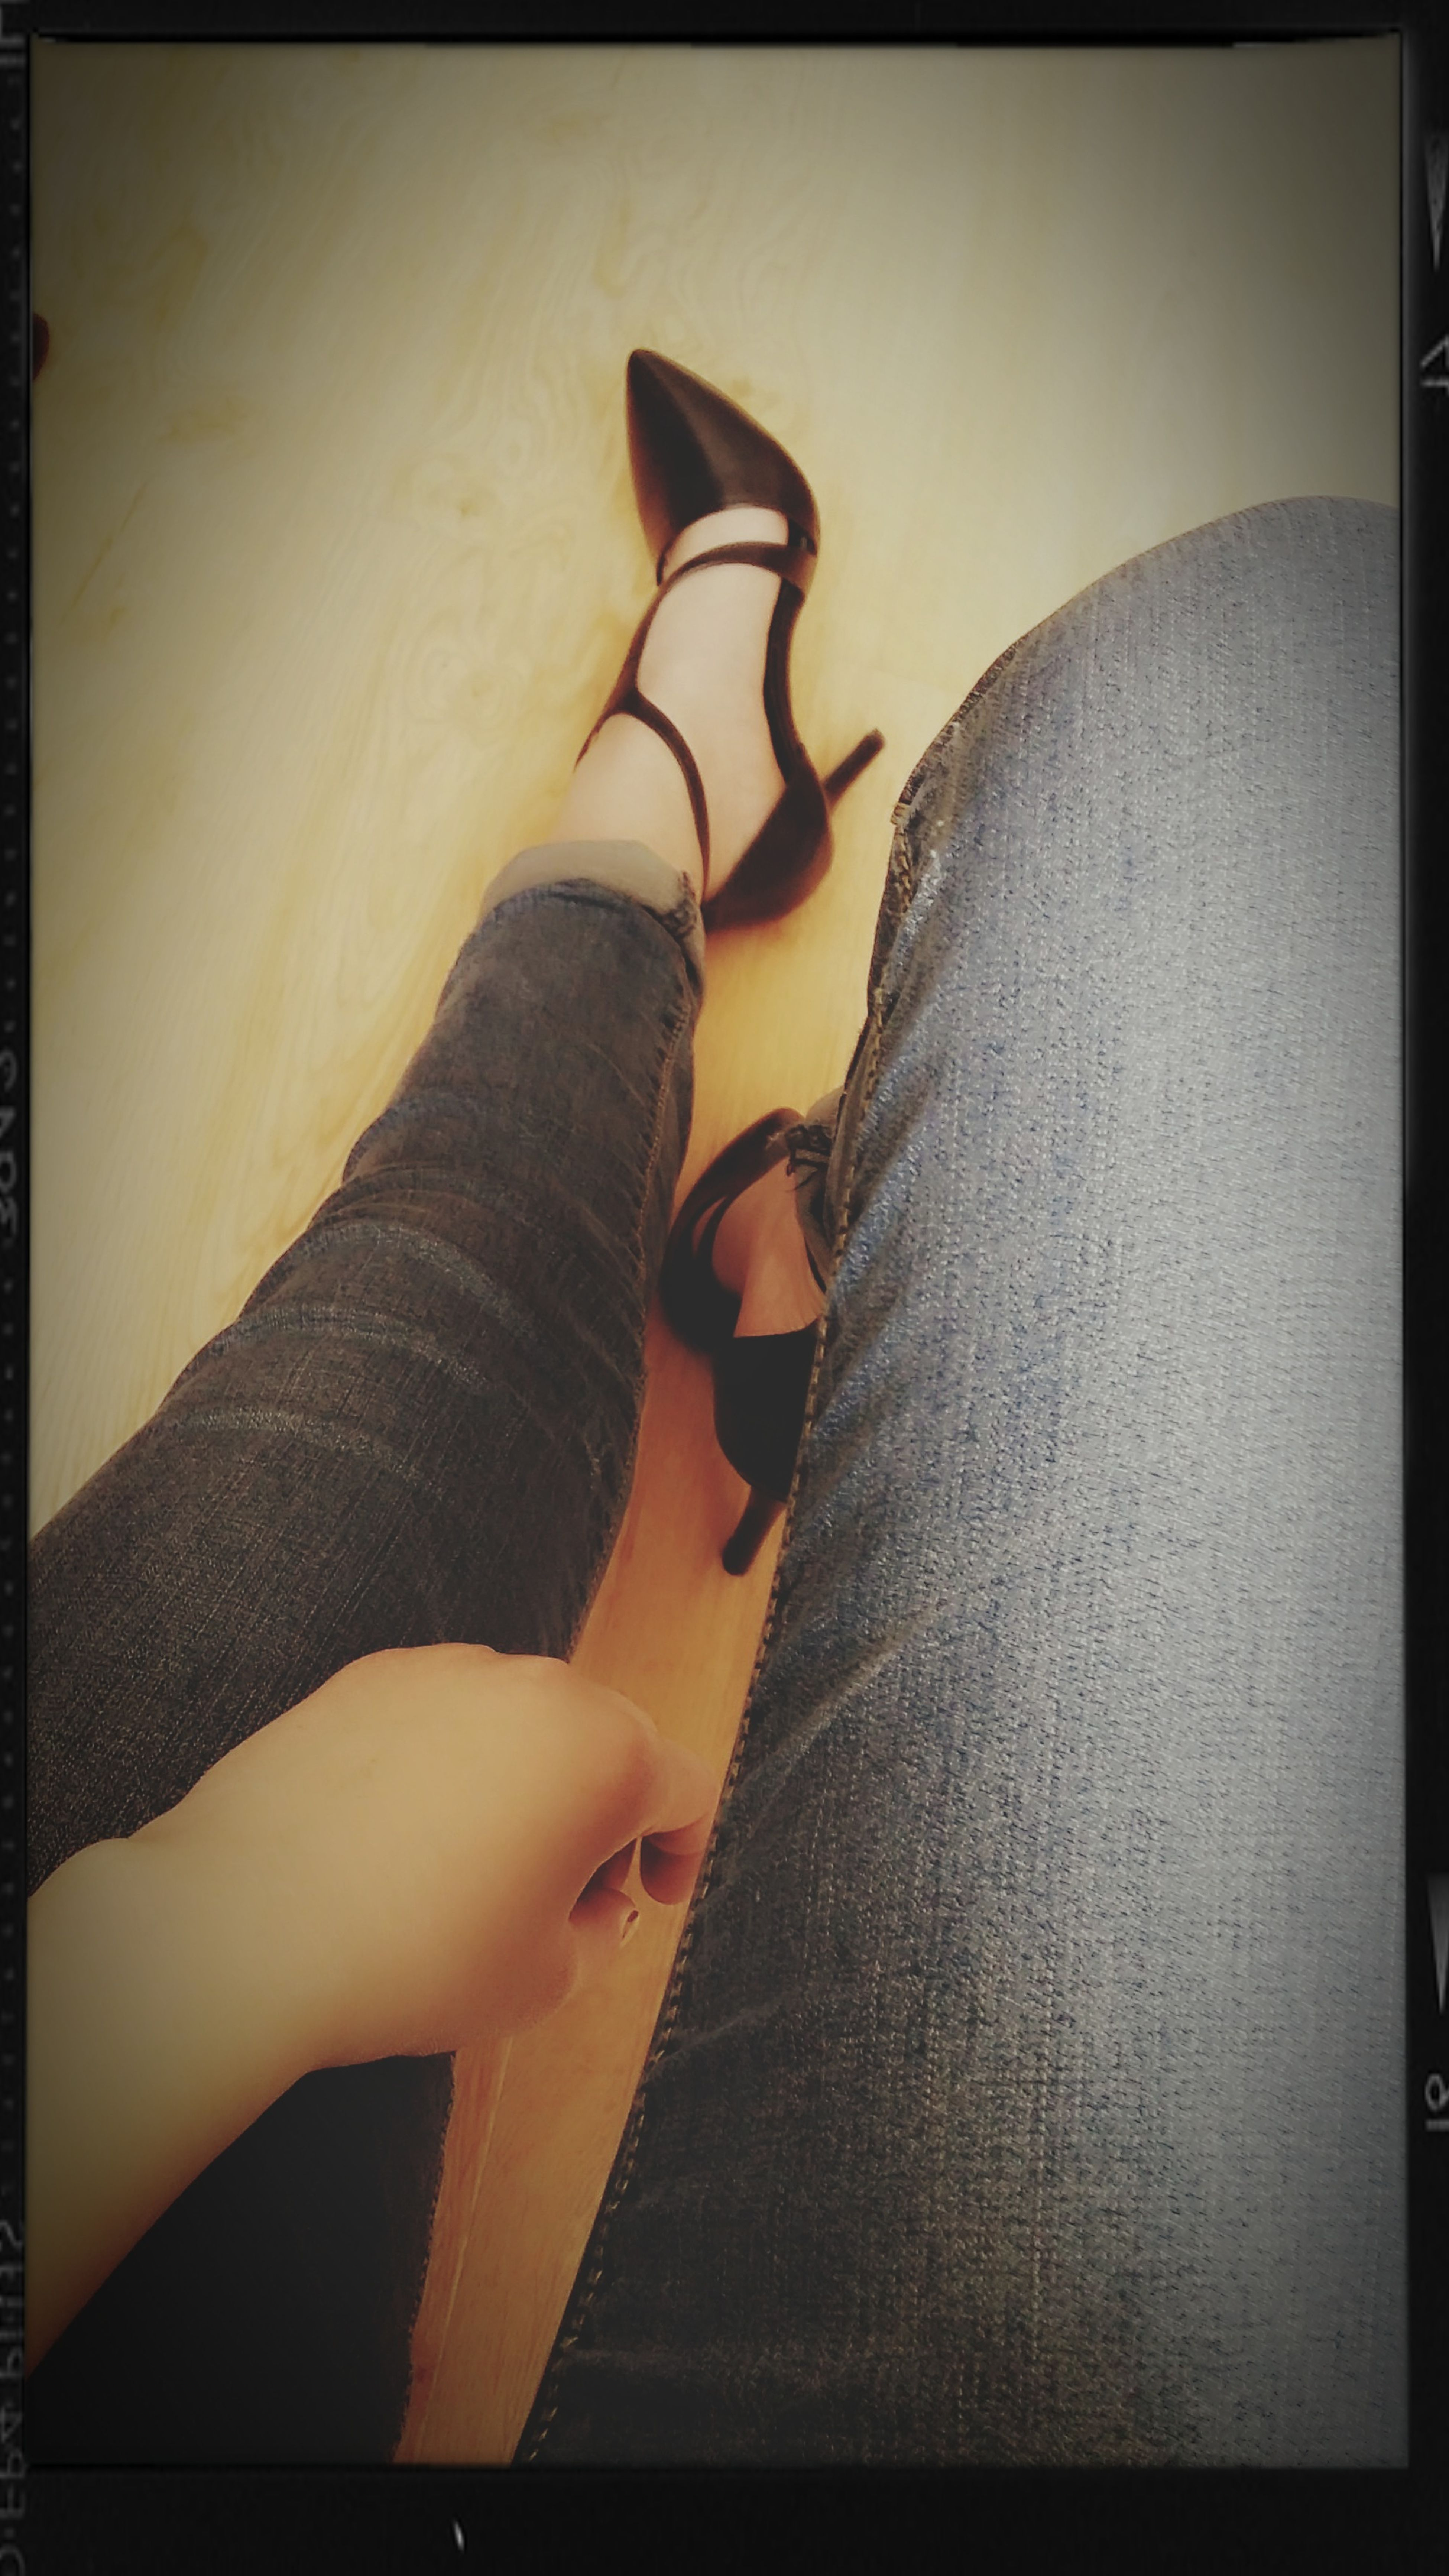 如果明天我成了断脚的人,那都是因为/ 它、 First Eyeem Photo